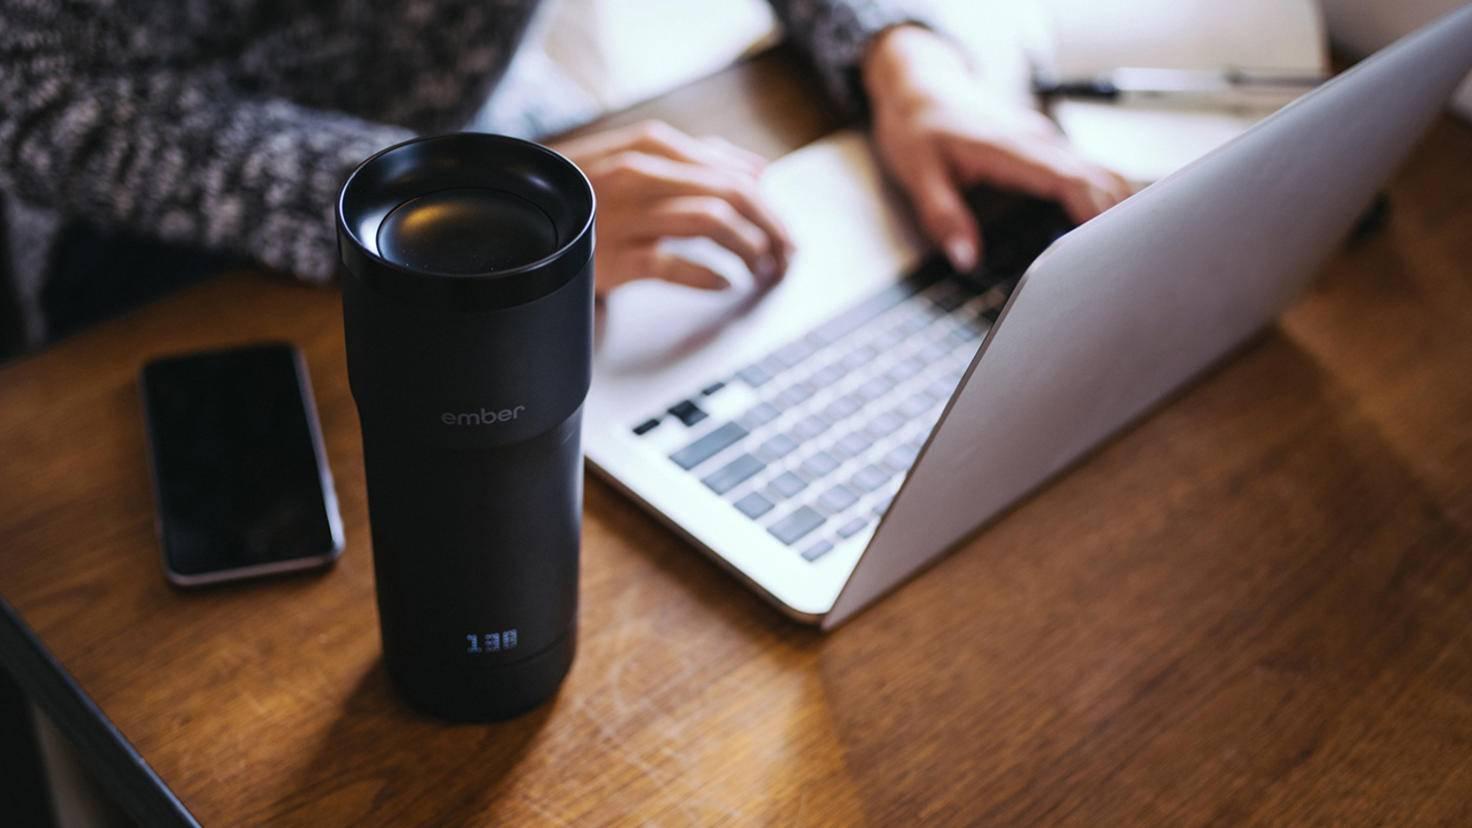 Ember Kaffeebecher für Starbucks